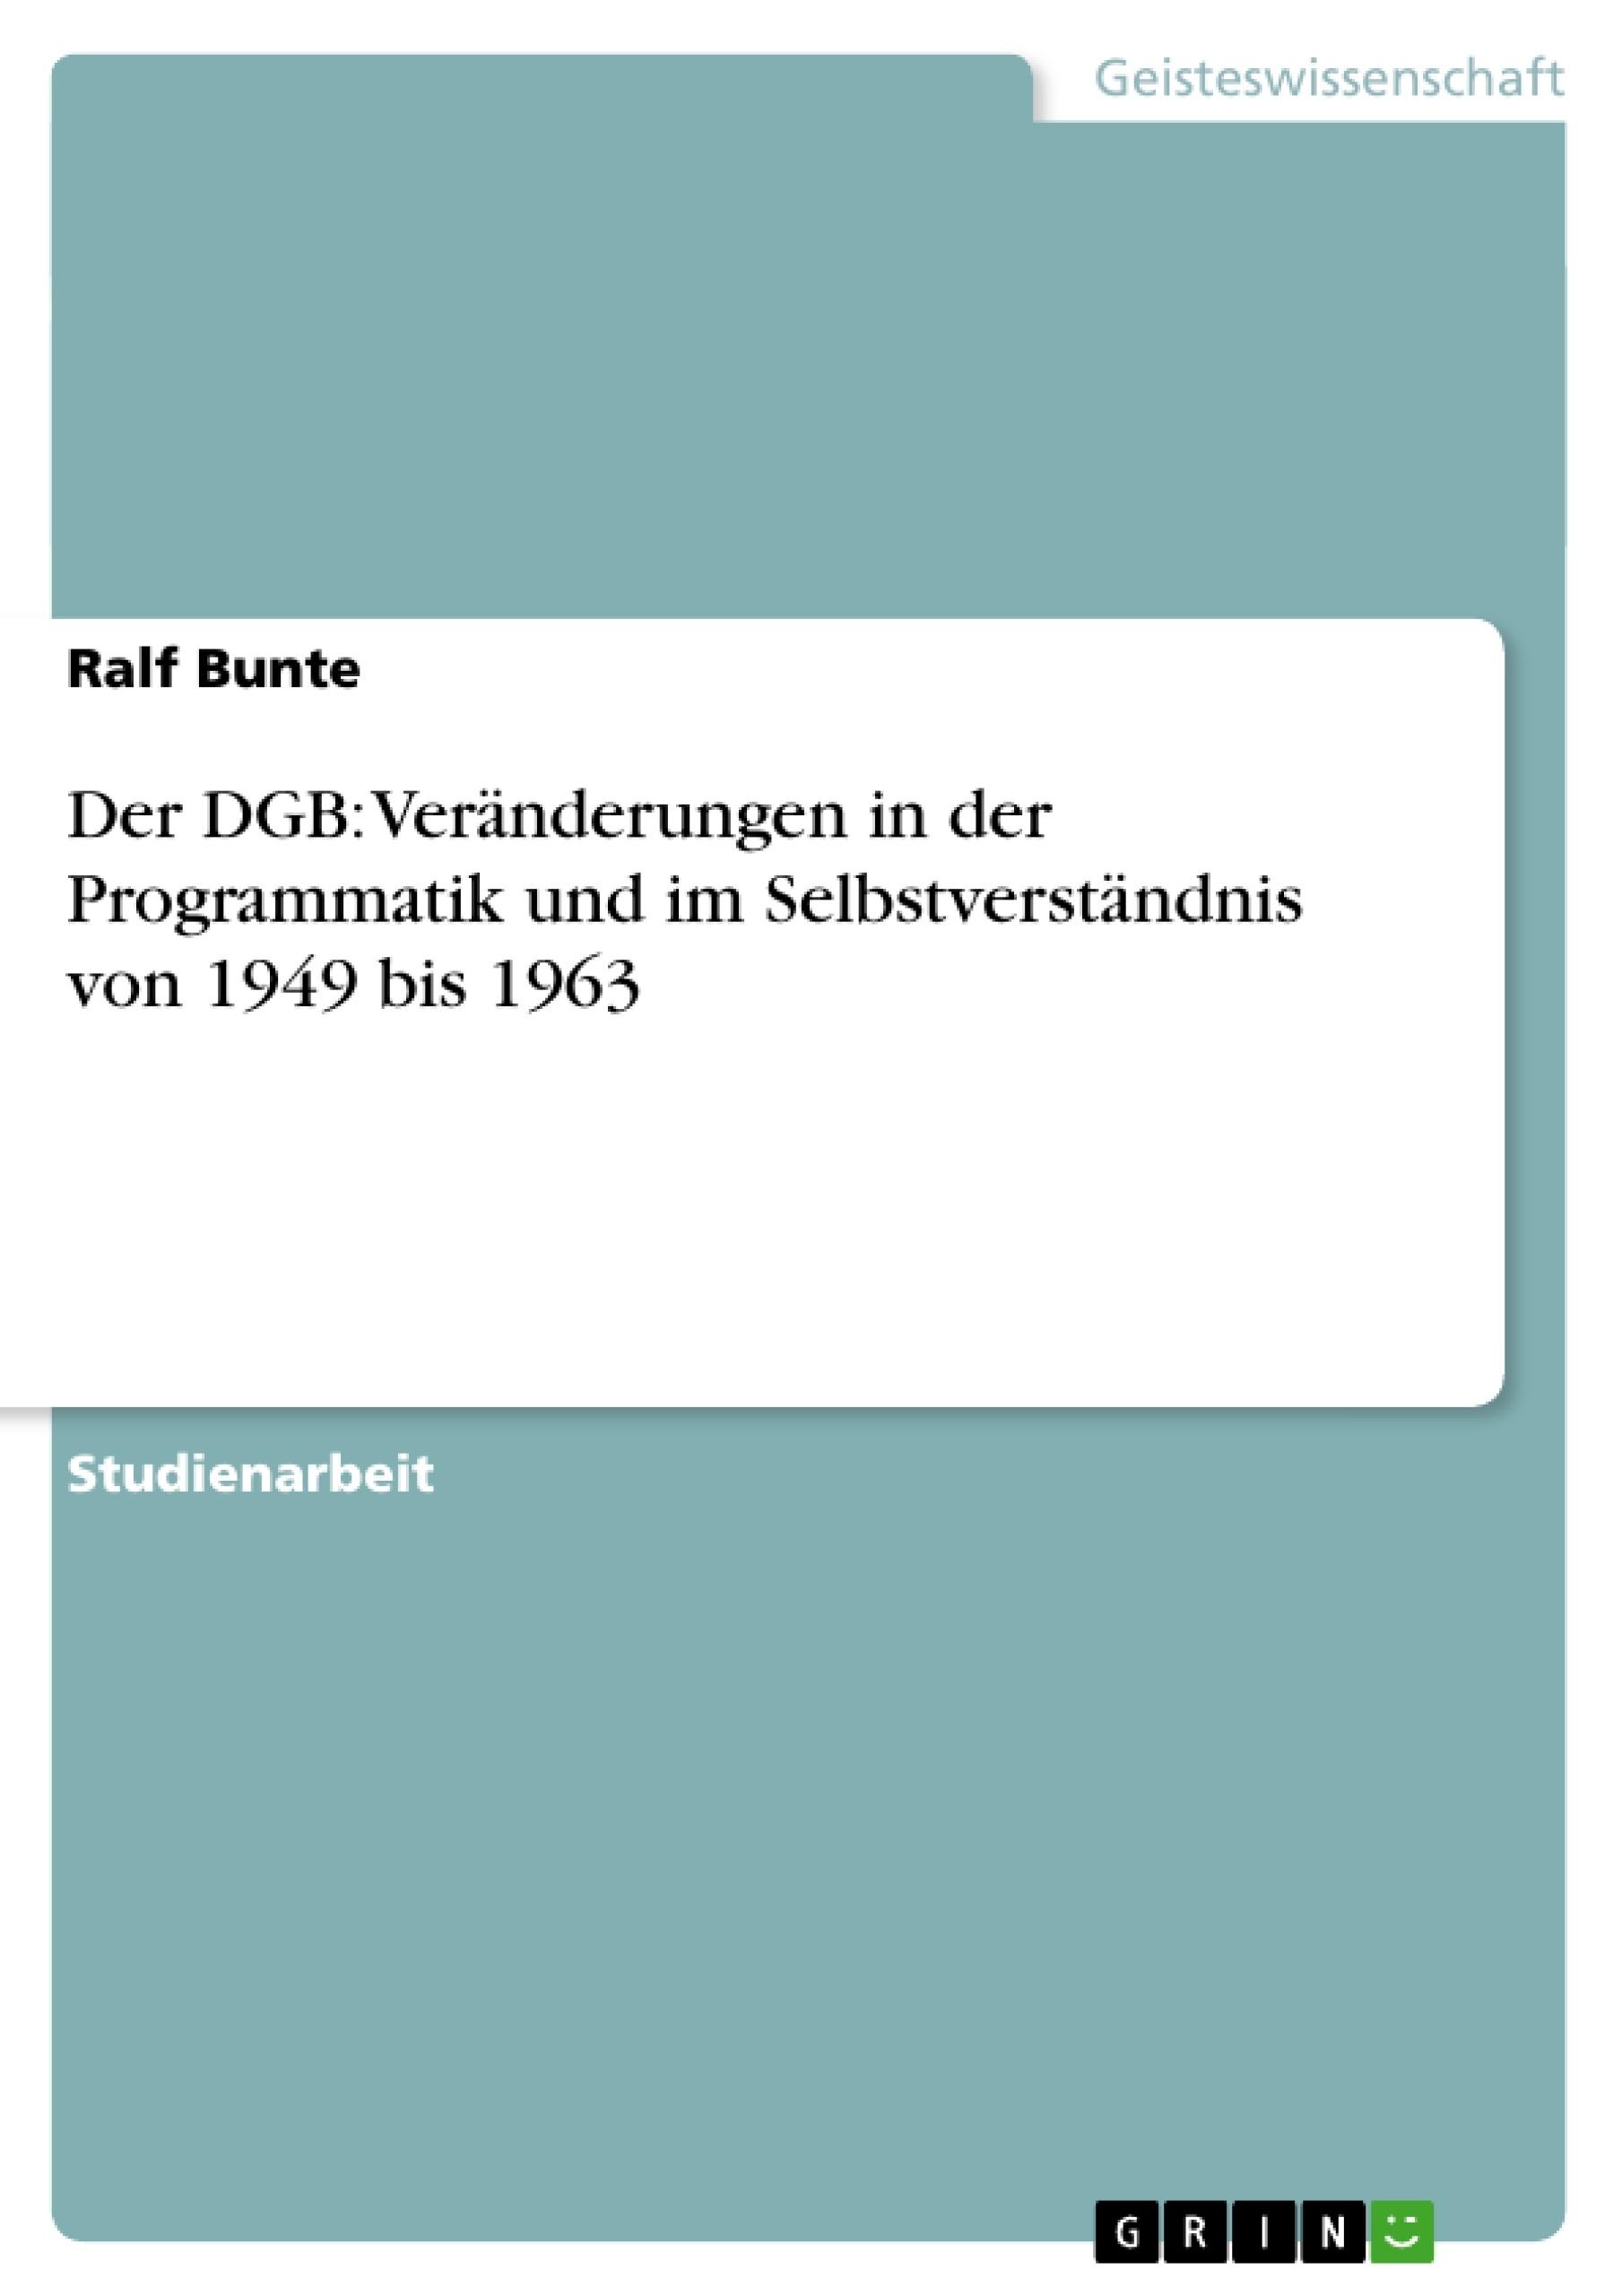 Titel: Der DGB: Veränderungen in der Programmatik und im Selbstverständnis von 1949 bis 1963